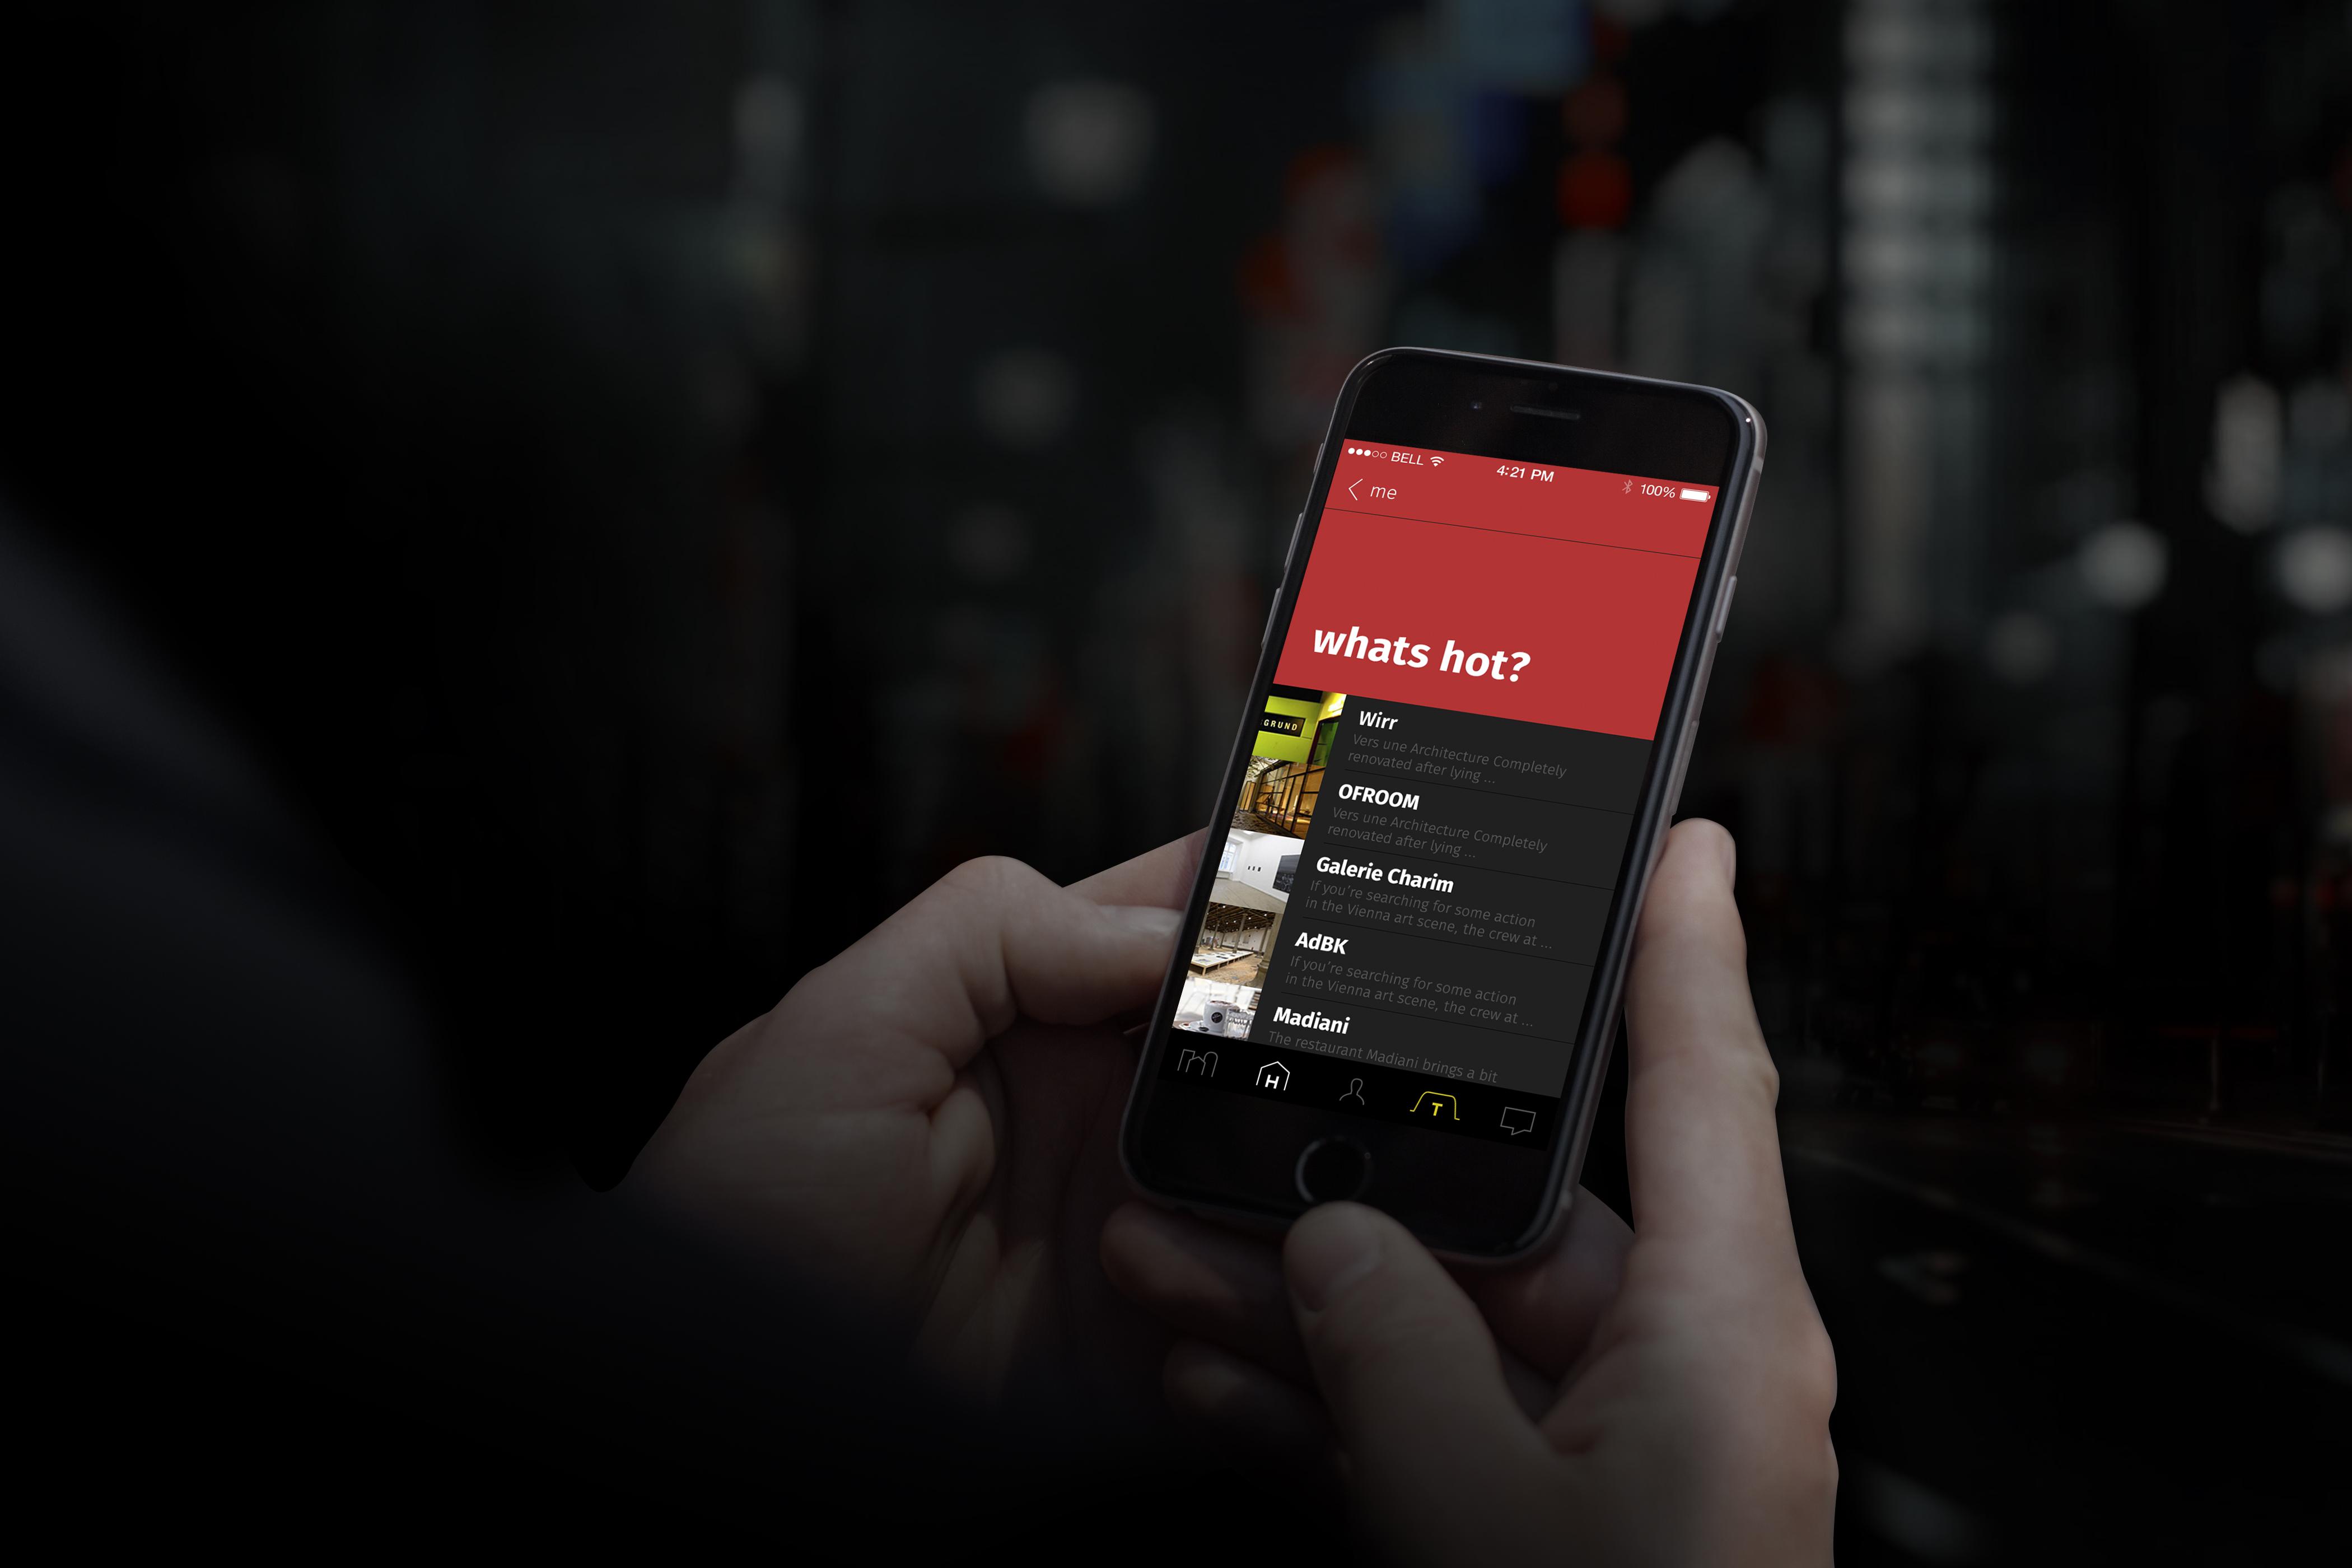 meandallhotels app 1.0